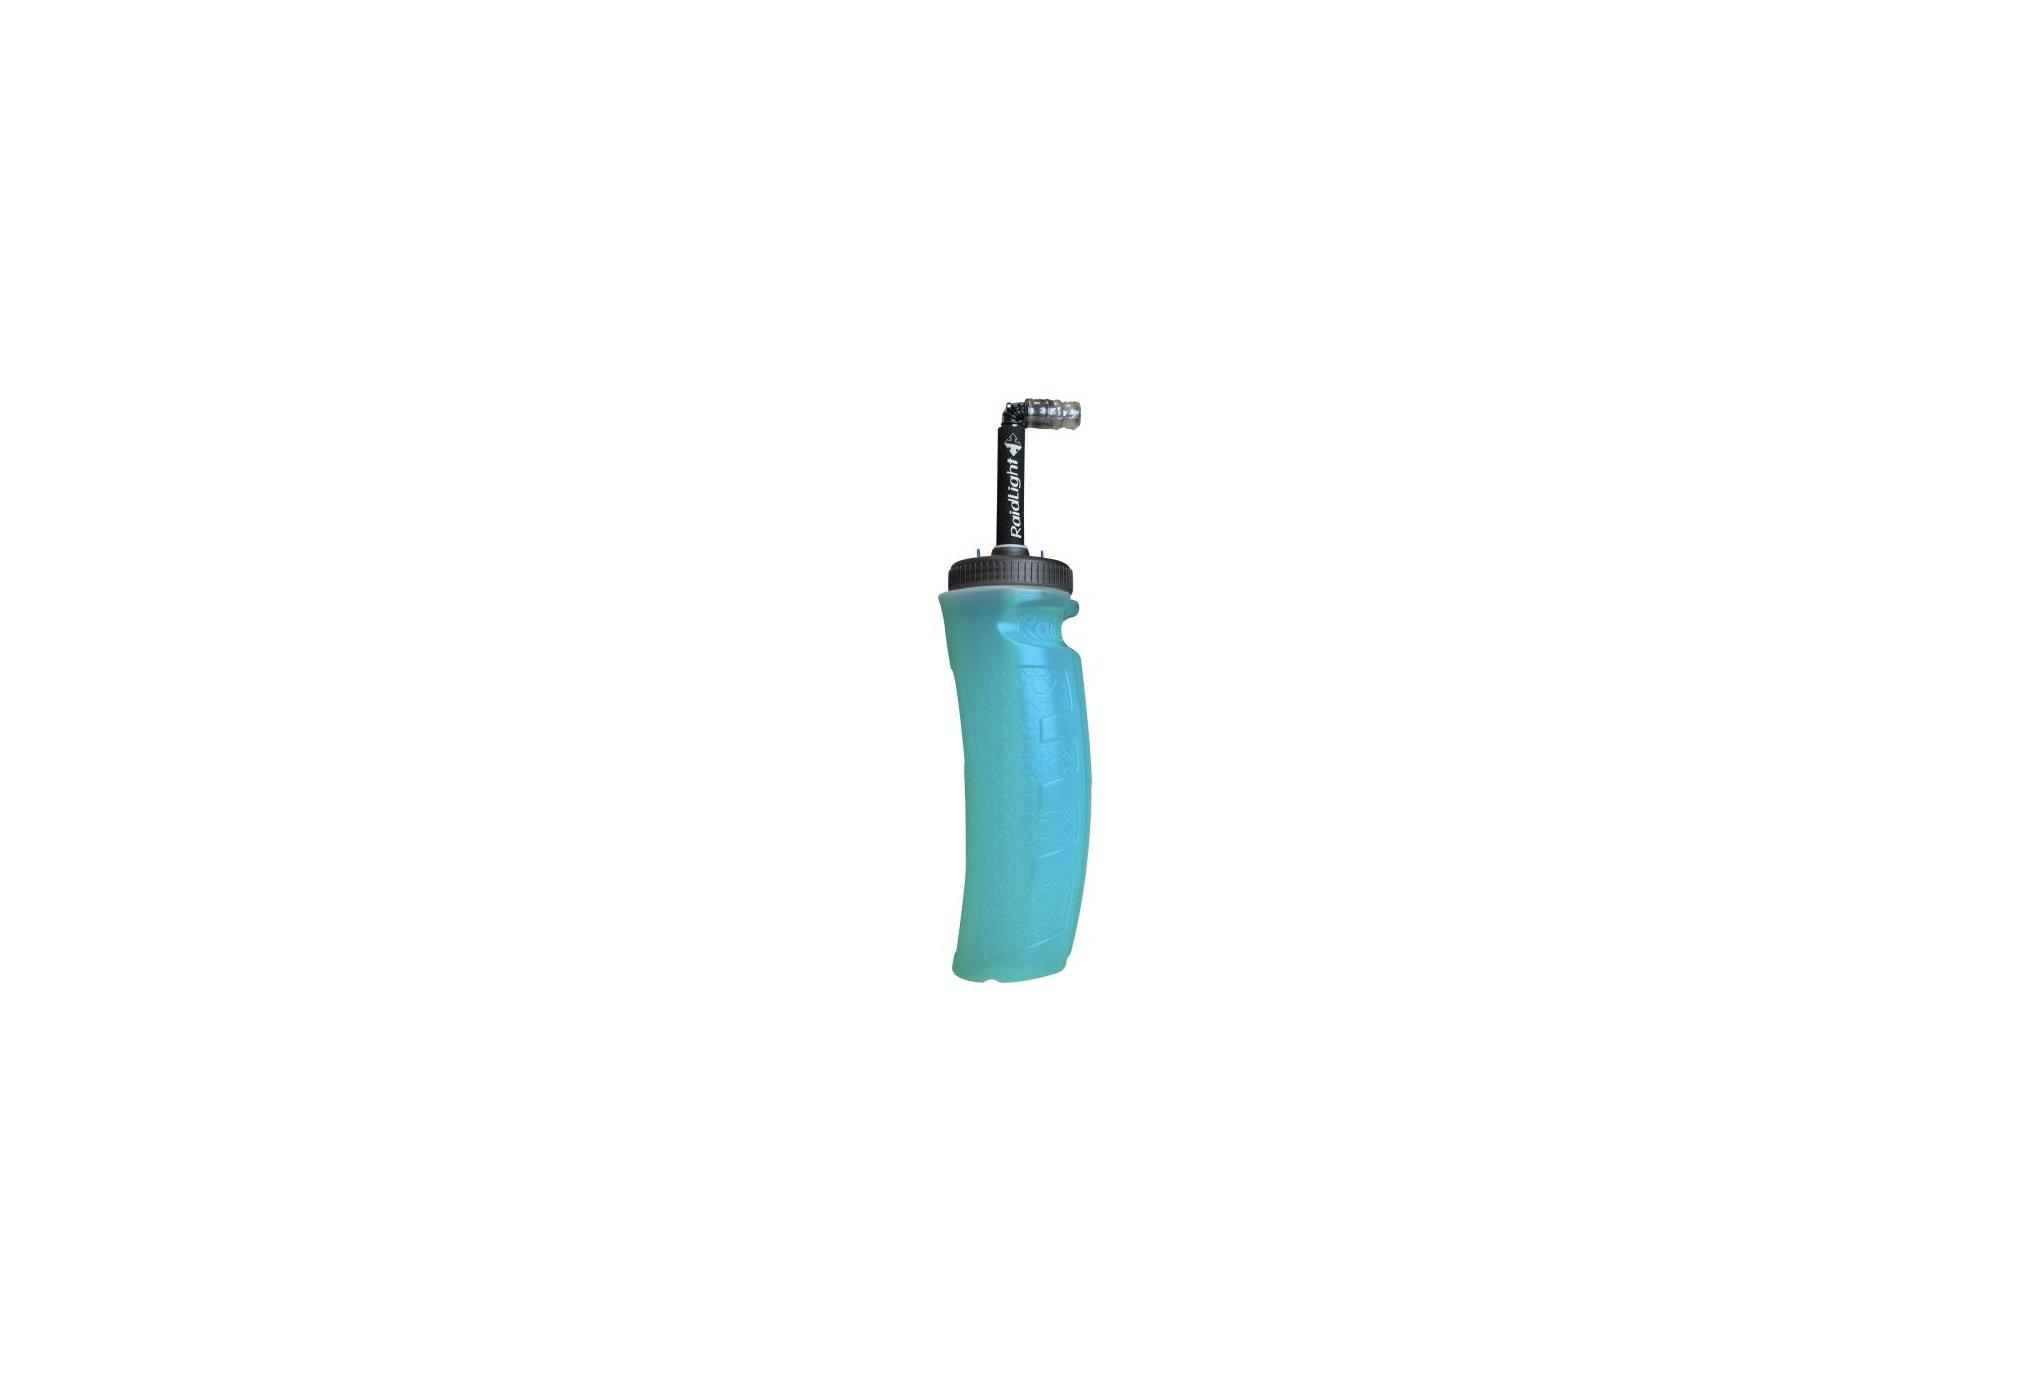 Raidlight R-GO Drink-Tub 600ml Sac hydratation / Gourde